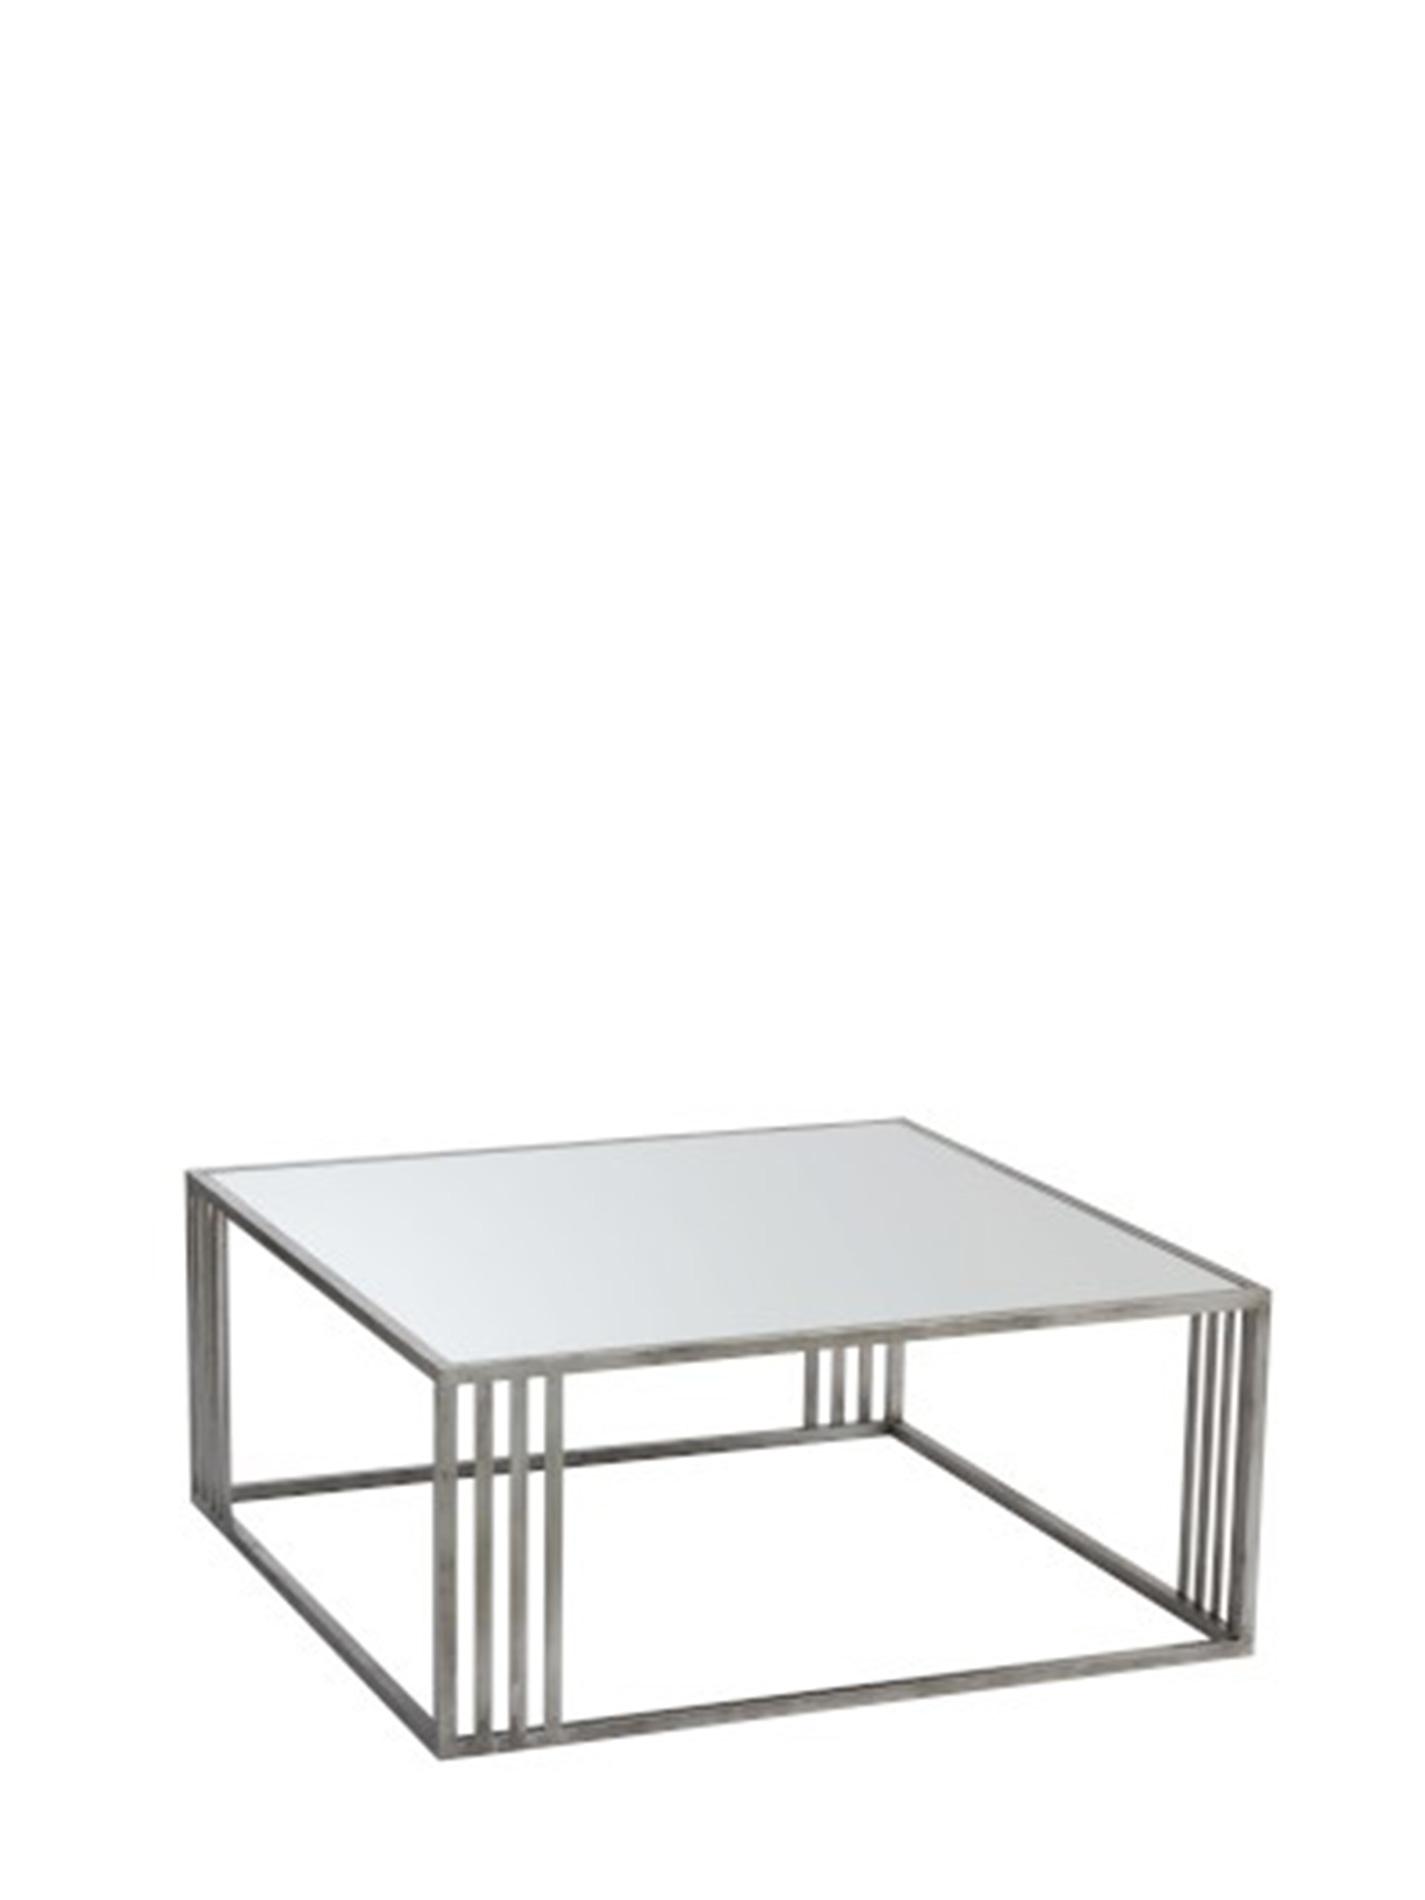 Salontafel Glas Rechthoekig.Zilverkleurige Salontafel Met Glazen Blad